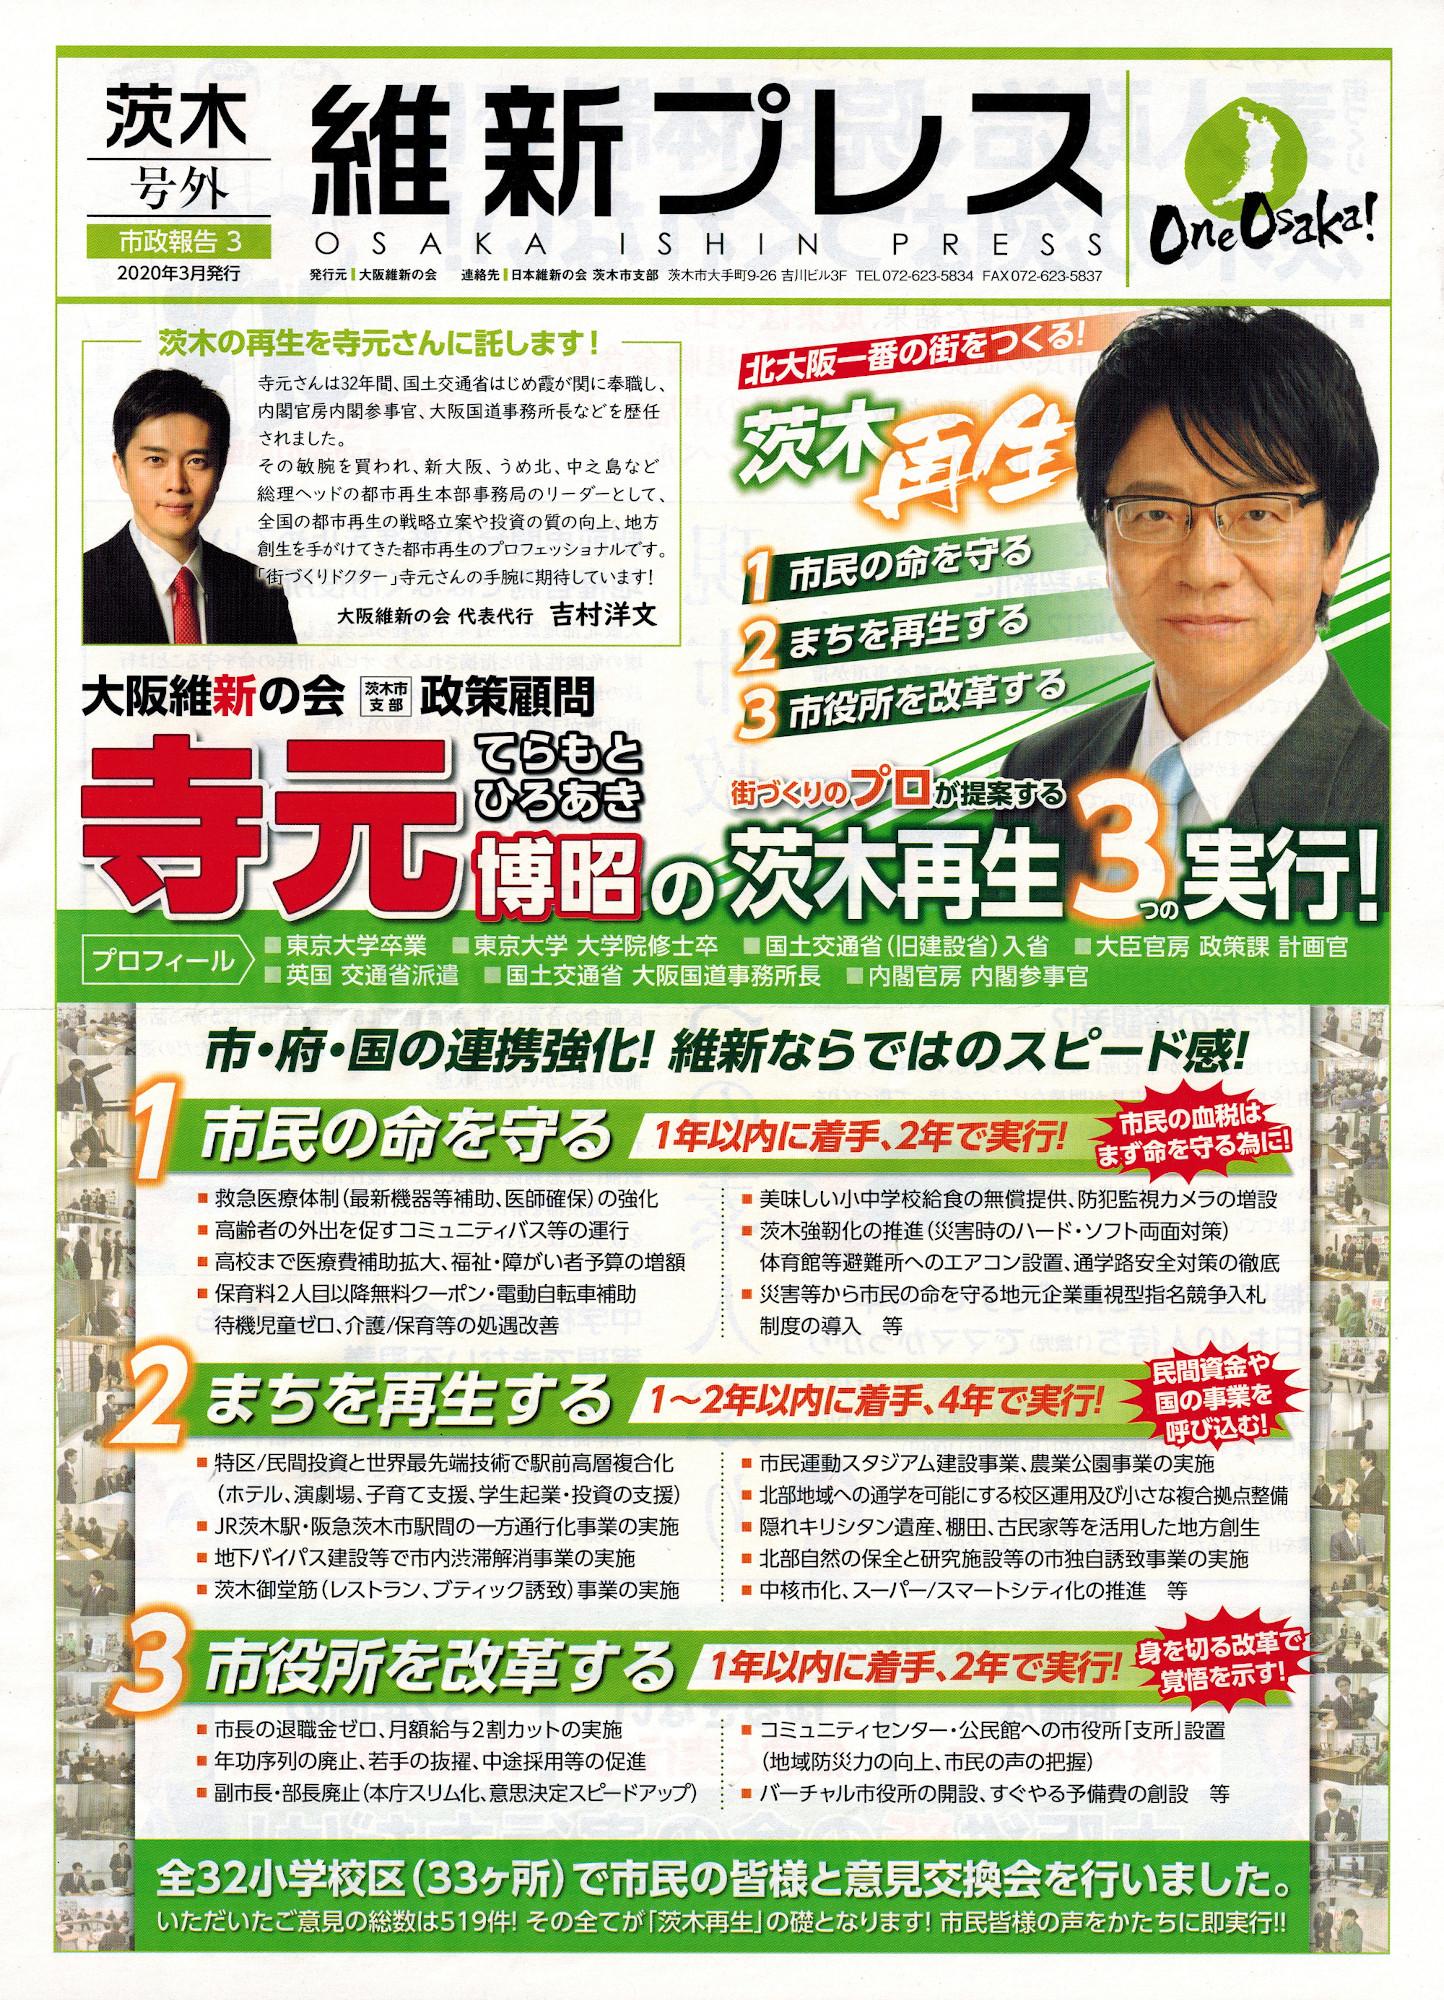 2020年3月維新プレス茨木市長選寺元博昭